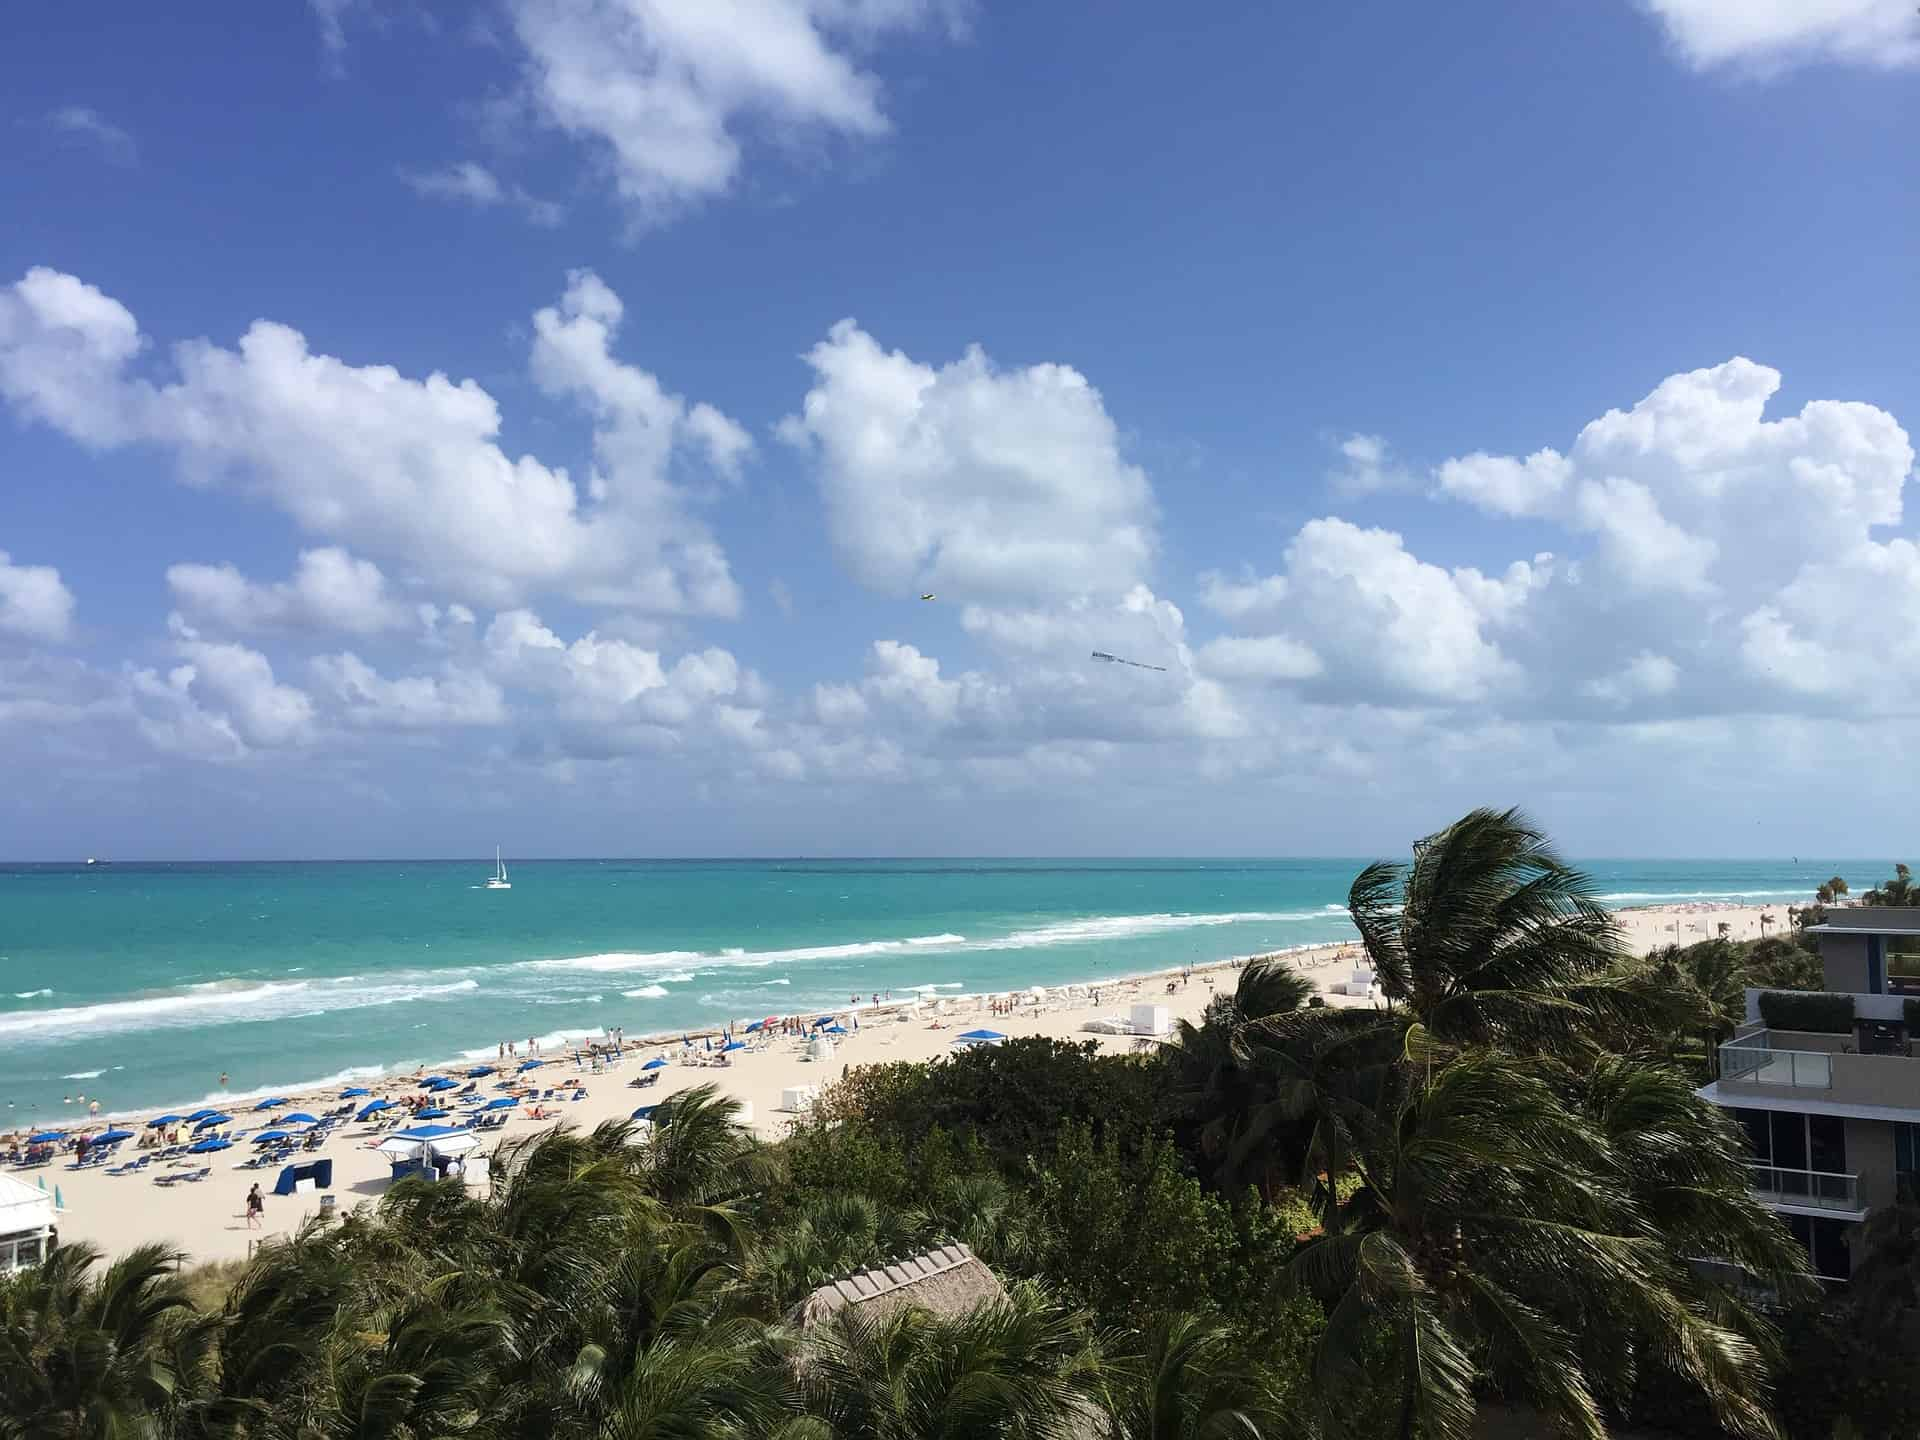 USA Urlaub Deals hier finden - Miami Beach eine Woche zum Tiefpreis buchen